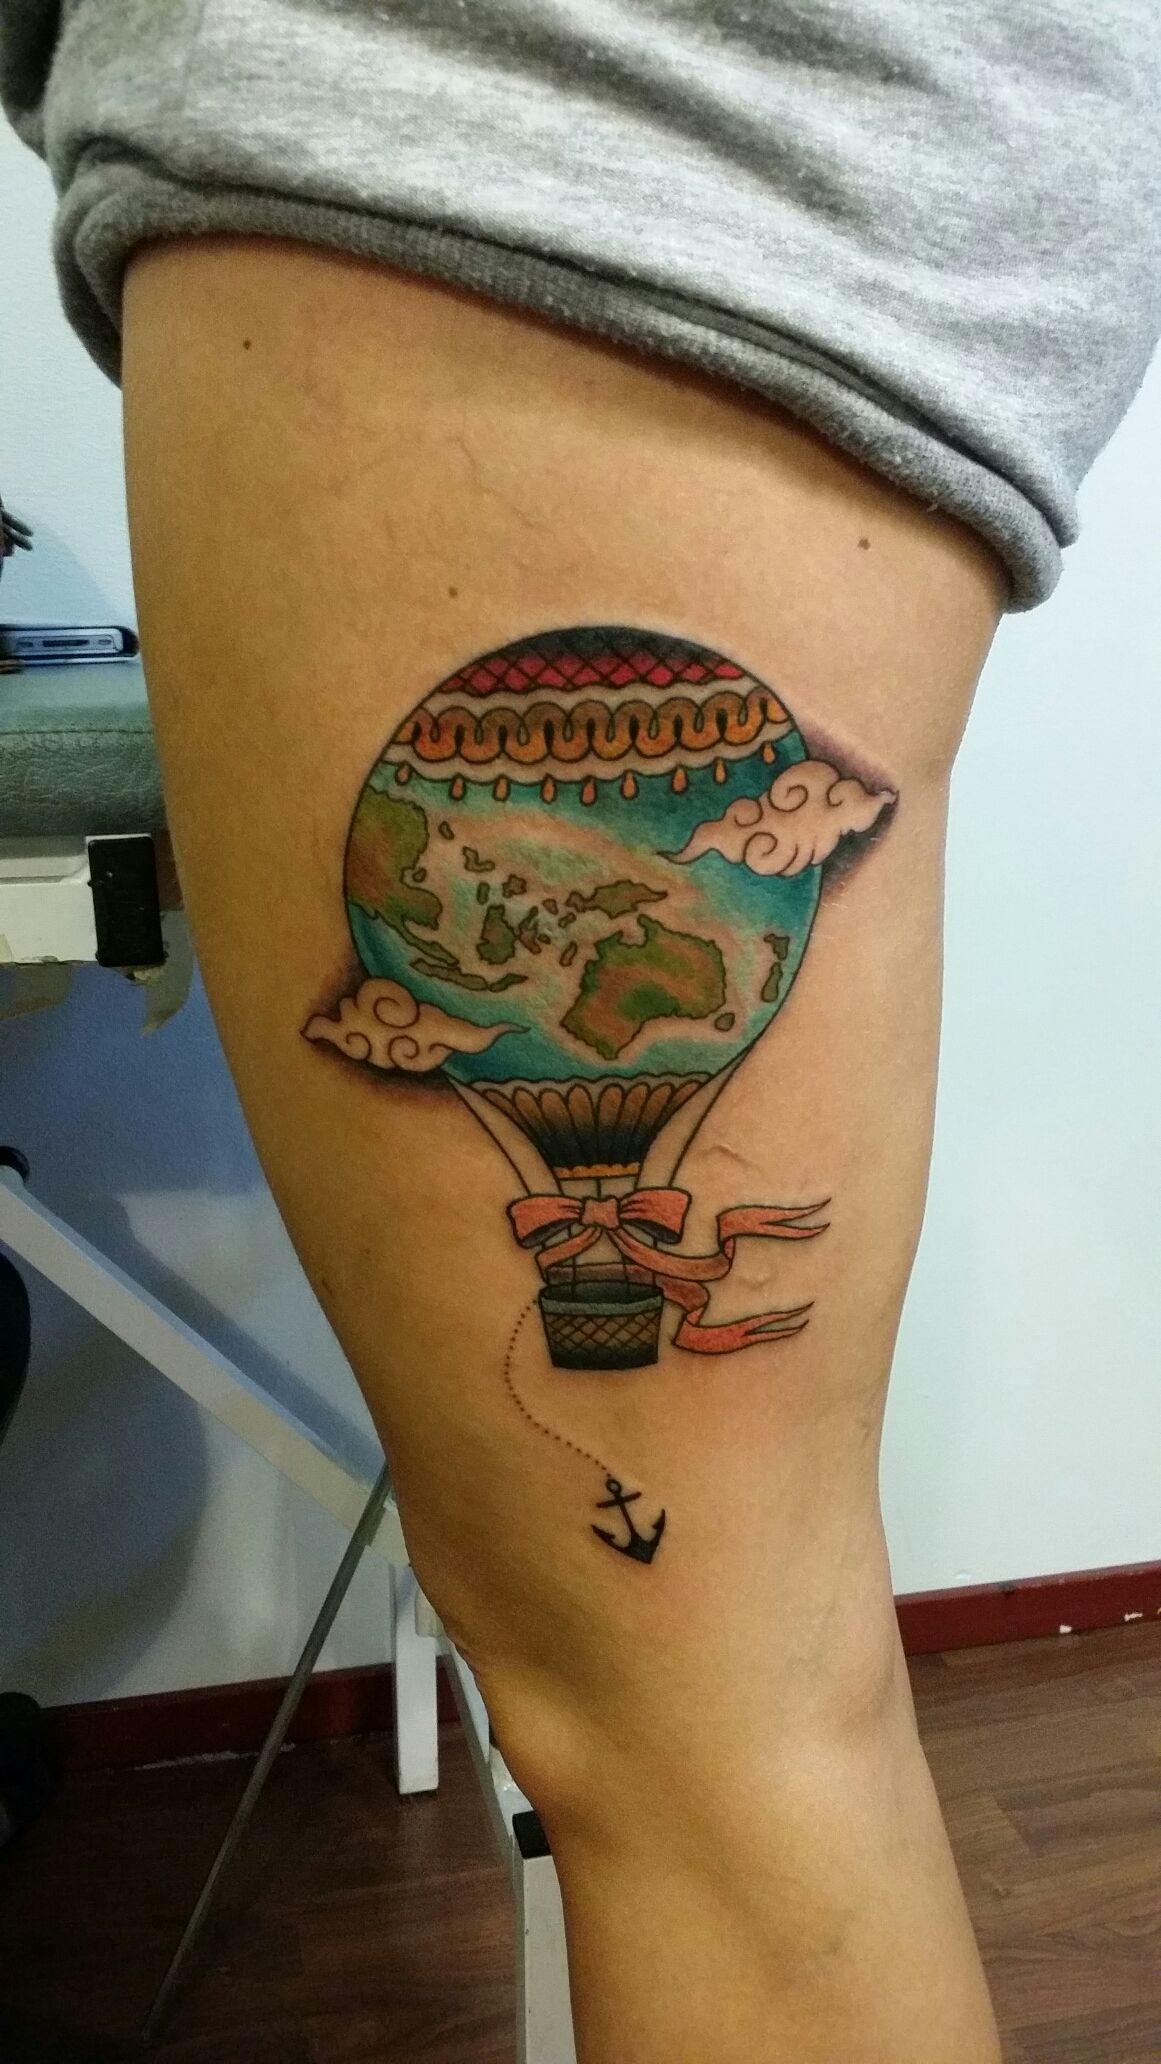 hot air balloon tattoo - Google Search | Tattoos ...